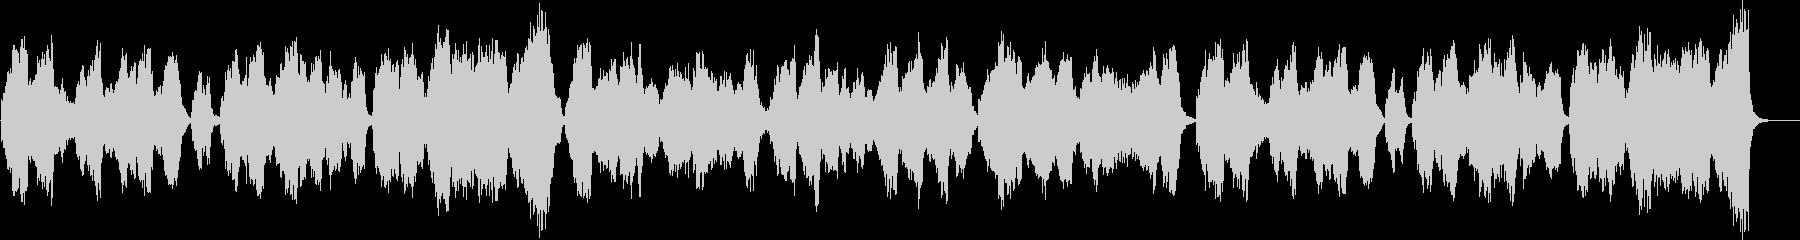 バロック風ストリングクアルテット静かな曲の未再生の波形